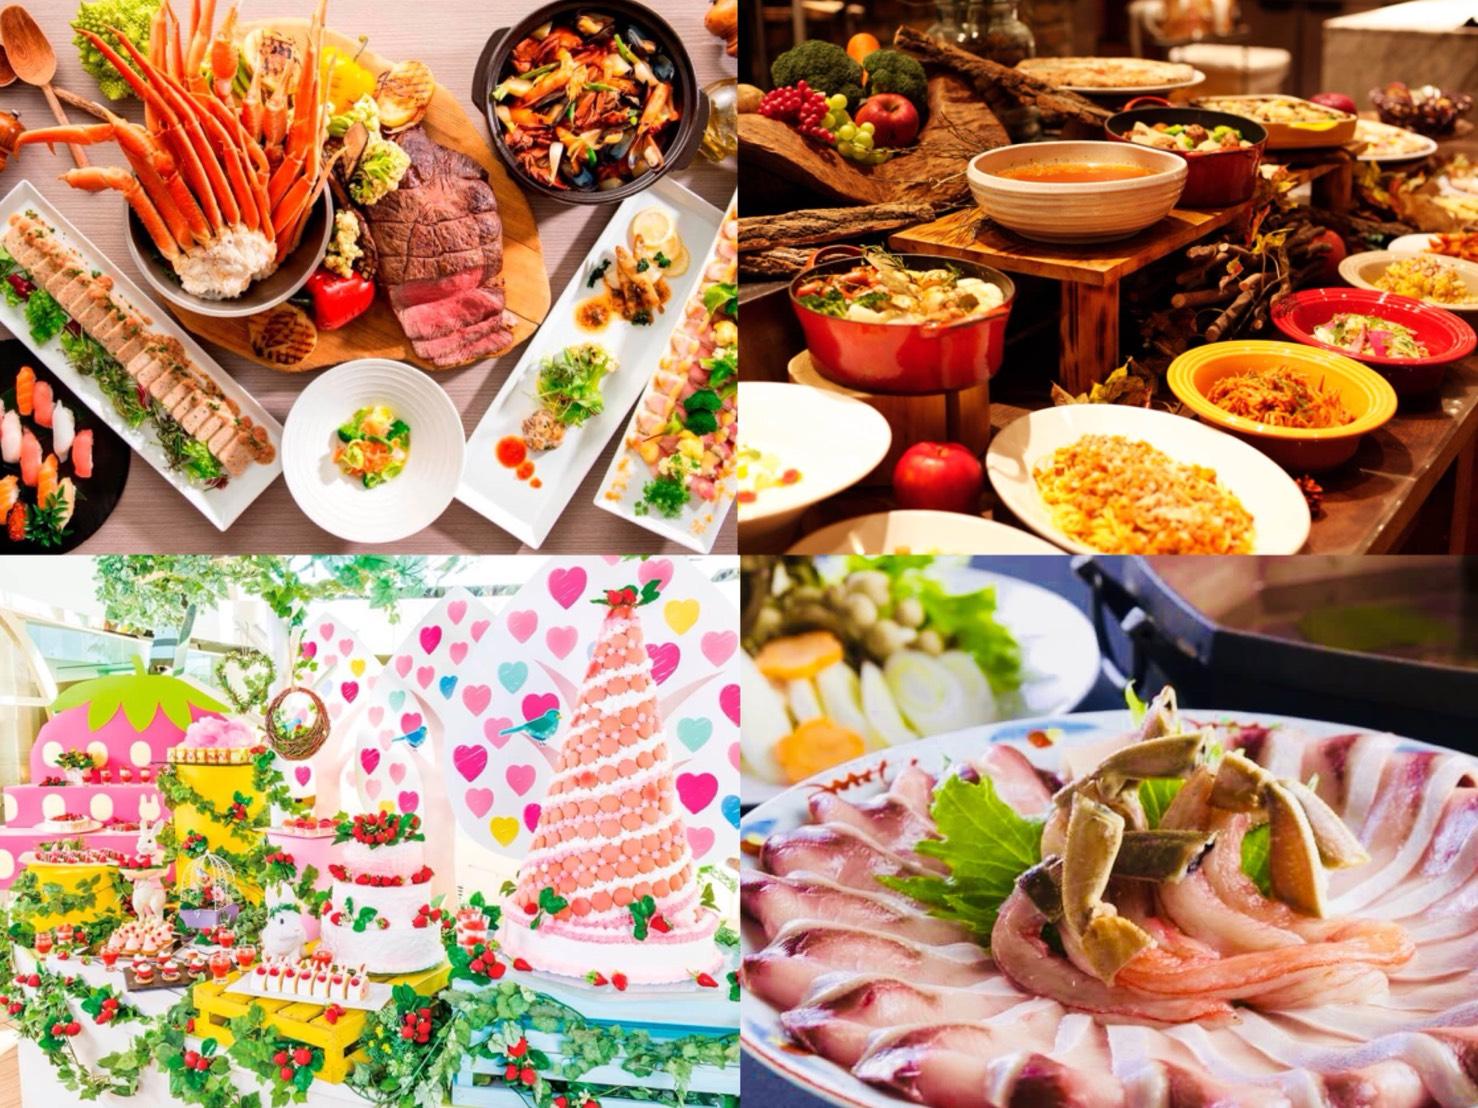 從甜點到海鮮都有!日本冬季推薦的5間buffet 甜點、